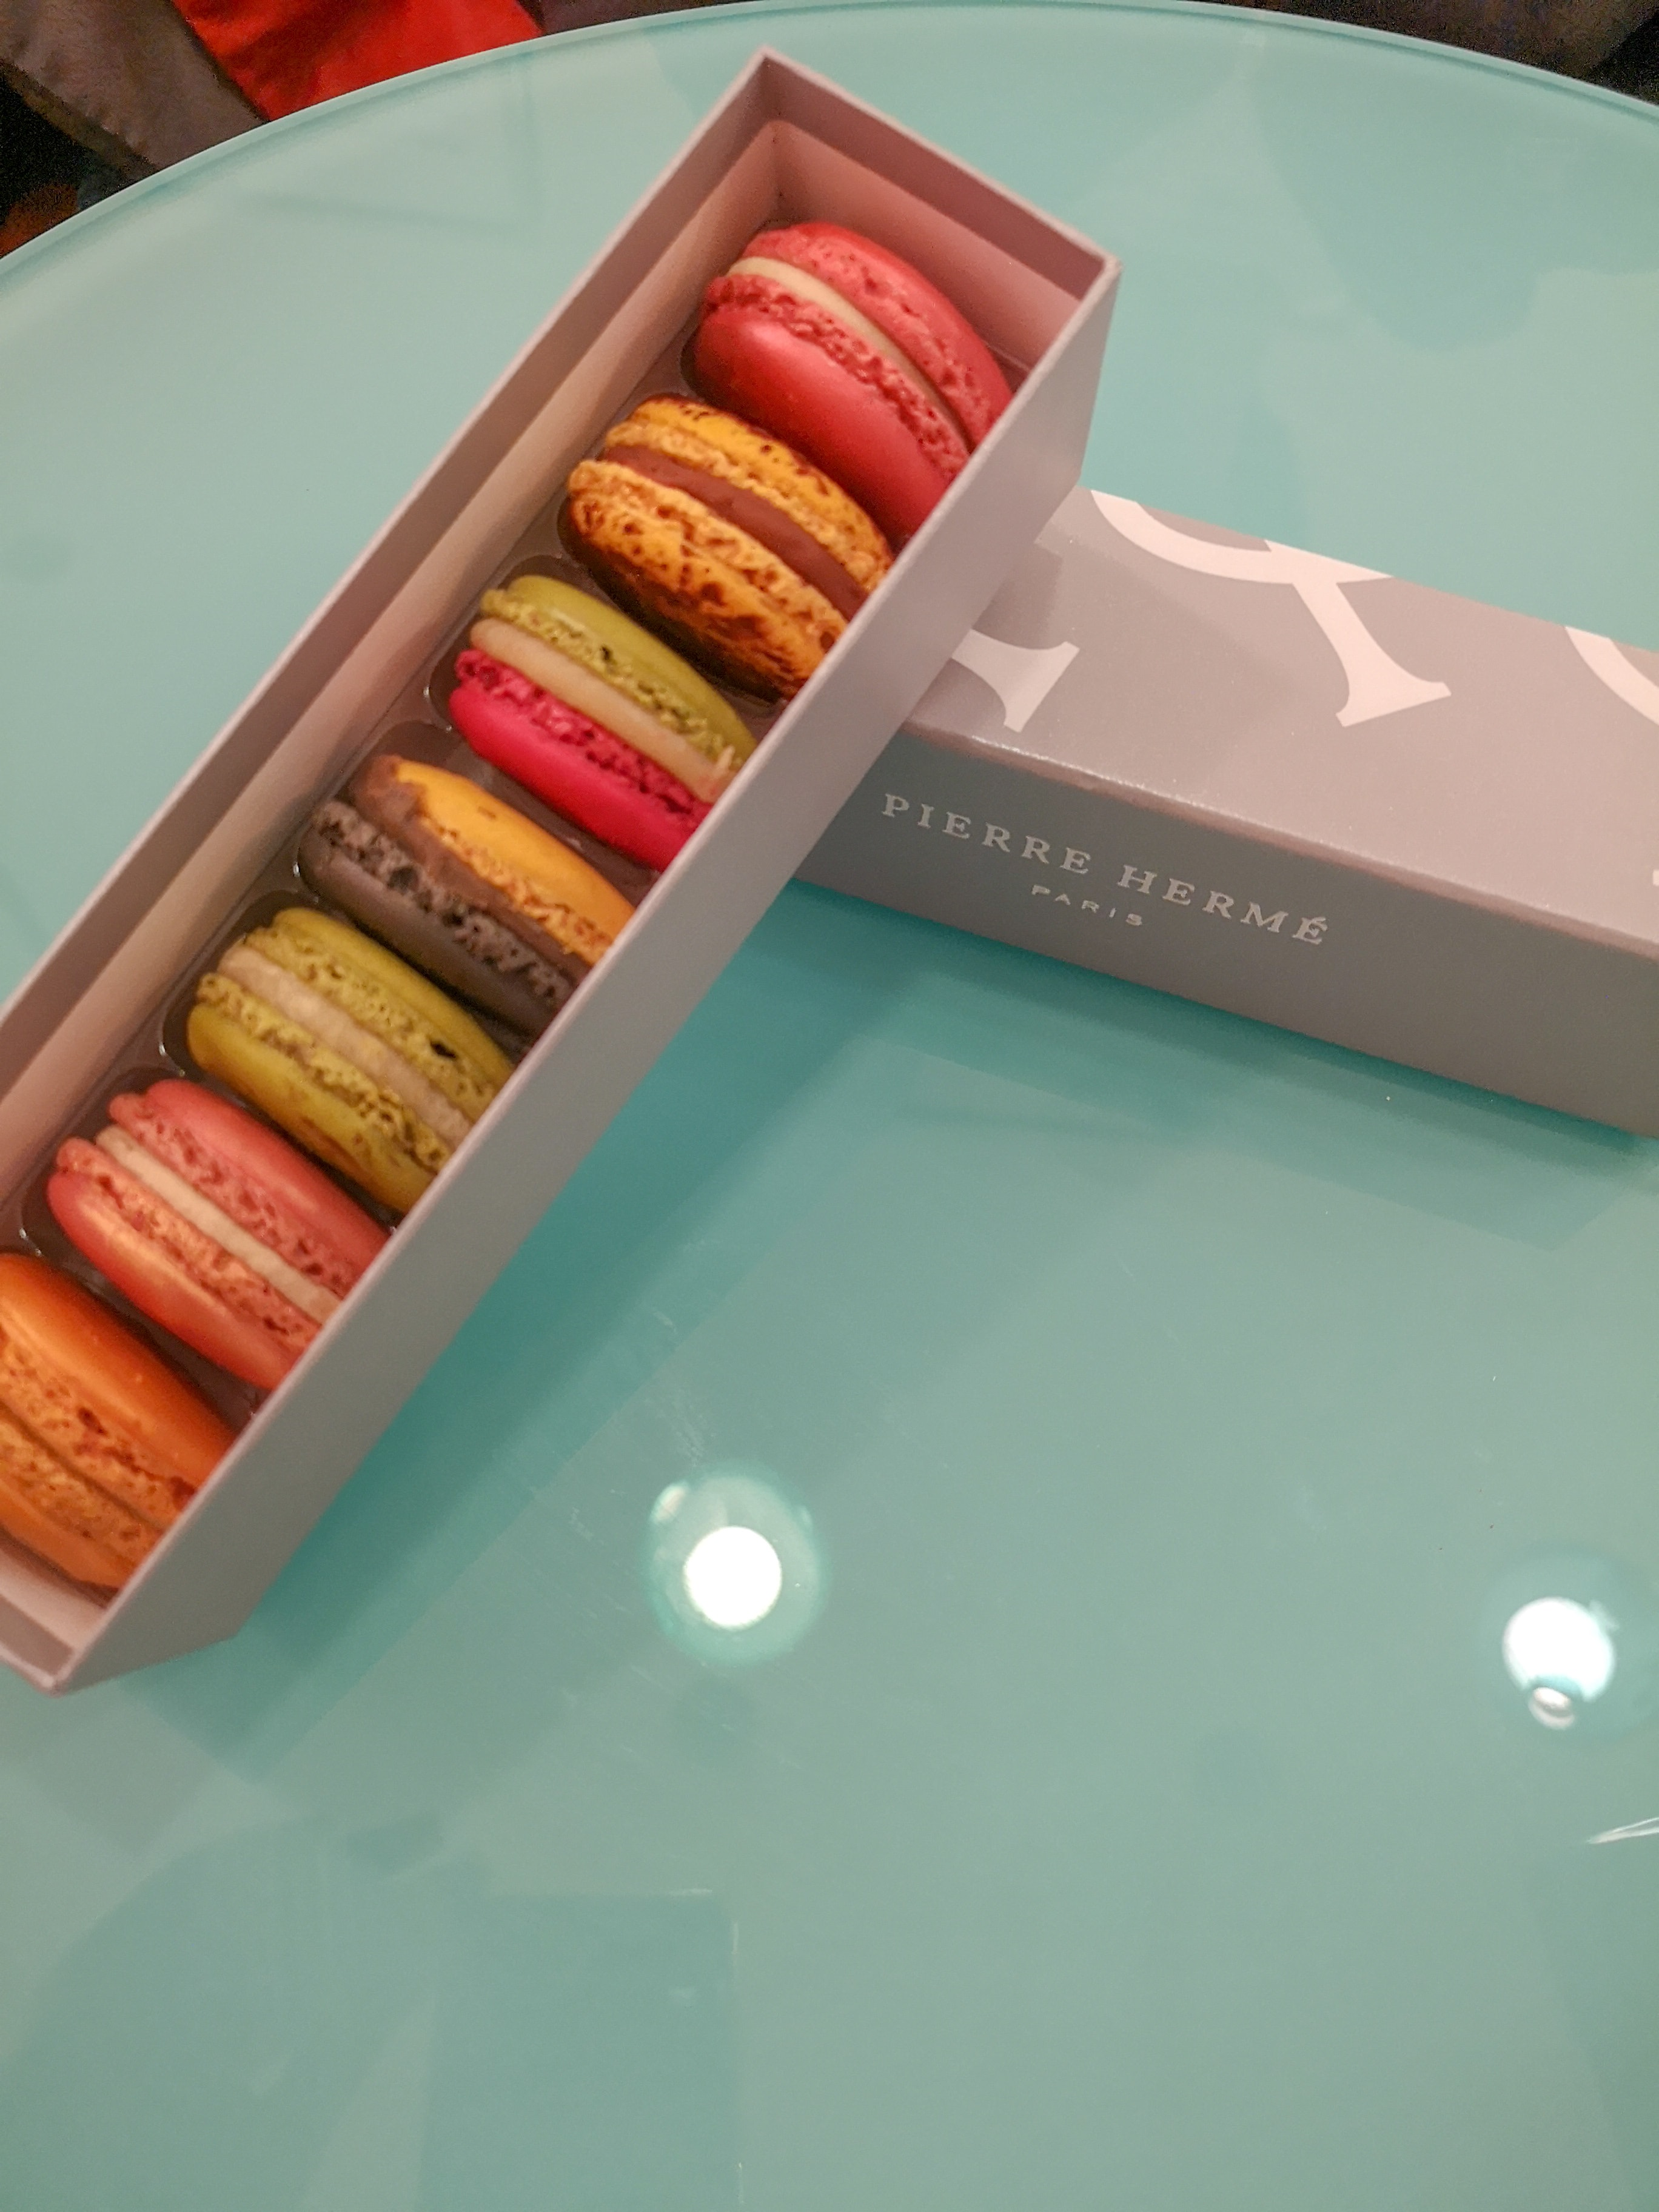 le migliori pasticcerie di Parigi Pierre Hermè